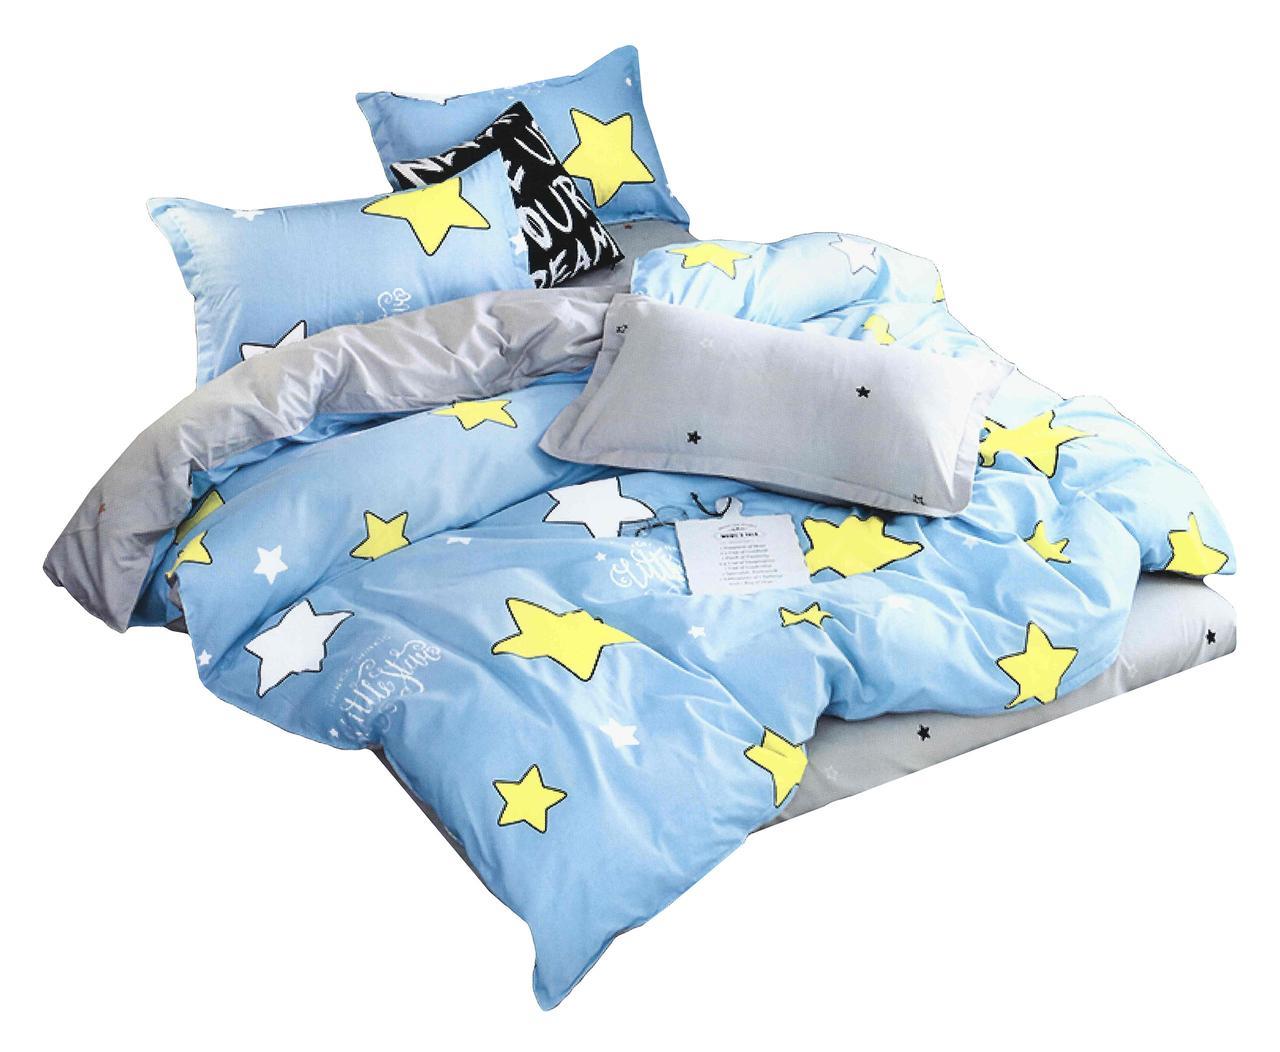 Комплект постельного белья Хлопковый Молодежный 072 M&M 5859 Синий, Желтый, Серый